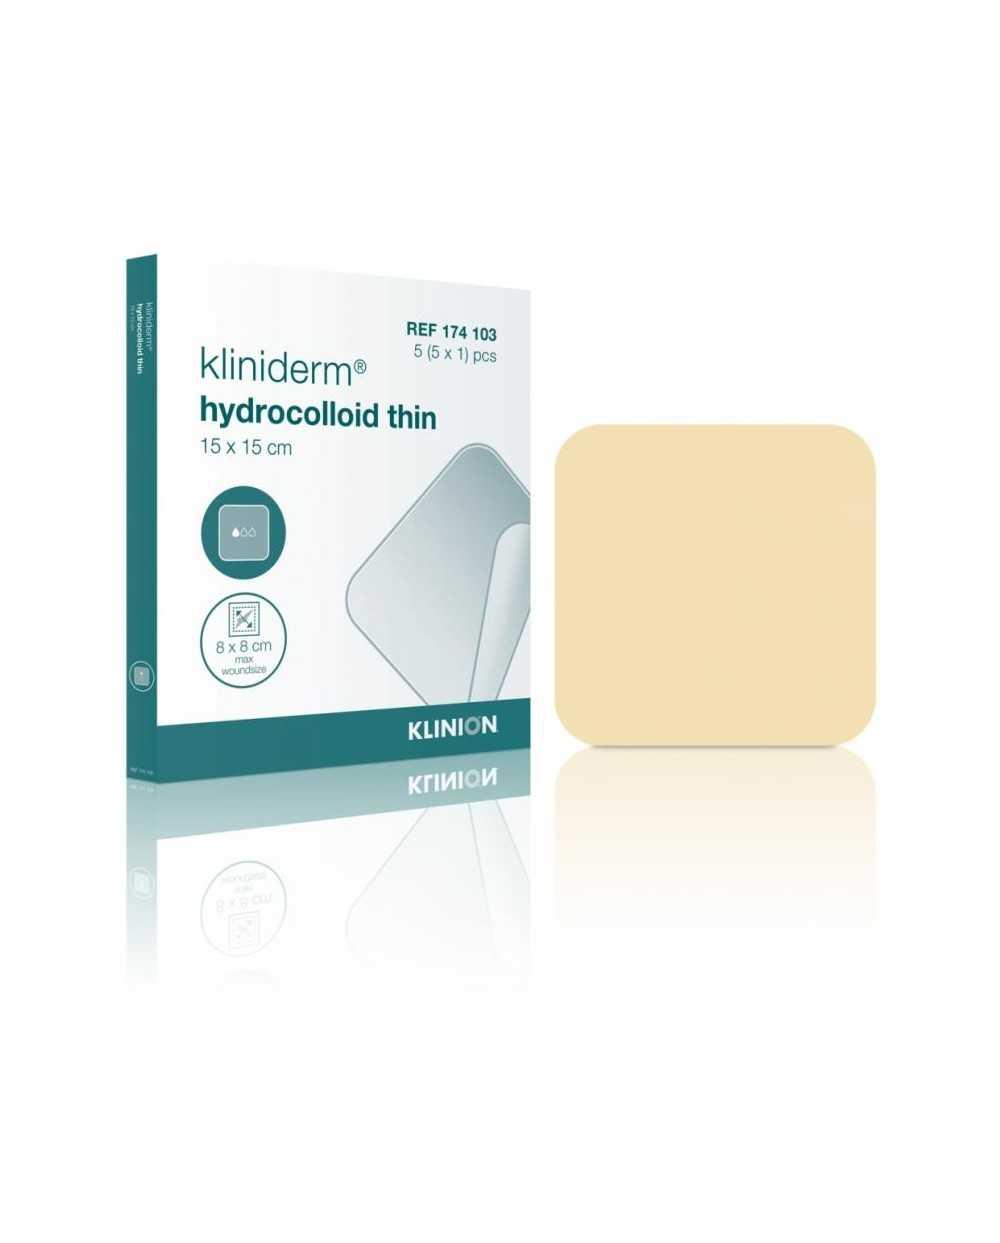 Pansements Kliniderm Hydrocolloïde fins, 7,5 x 7,5 cm, stérile.Boîte de 5